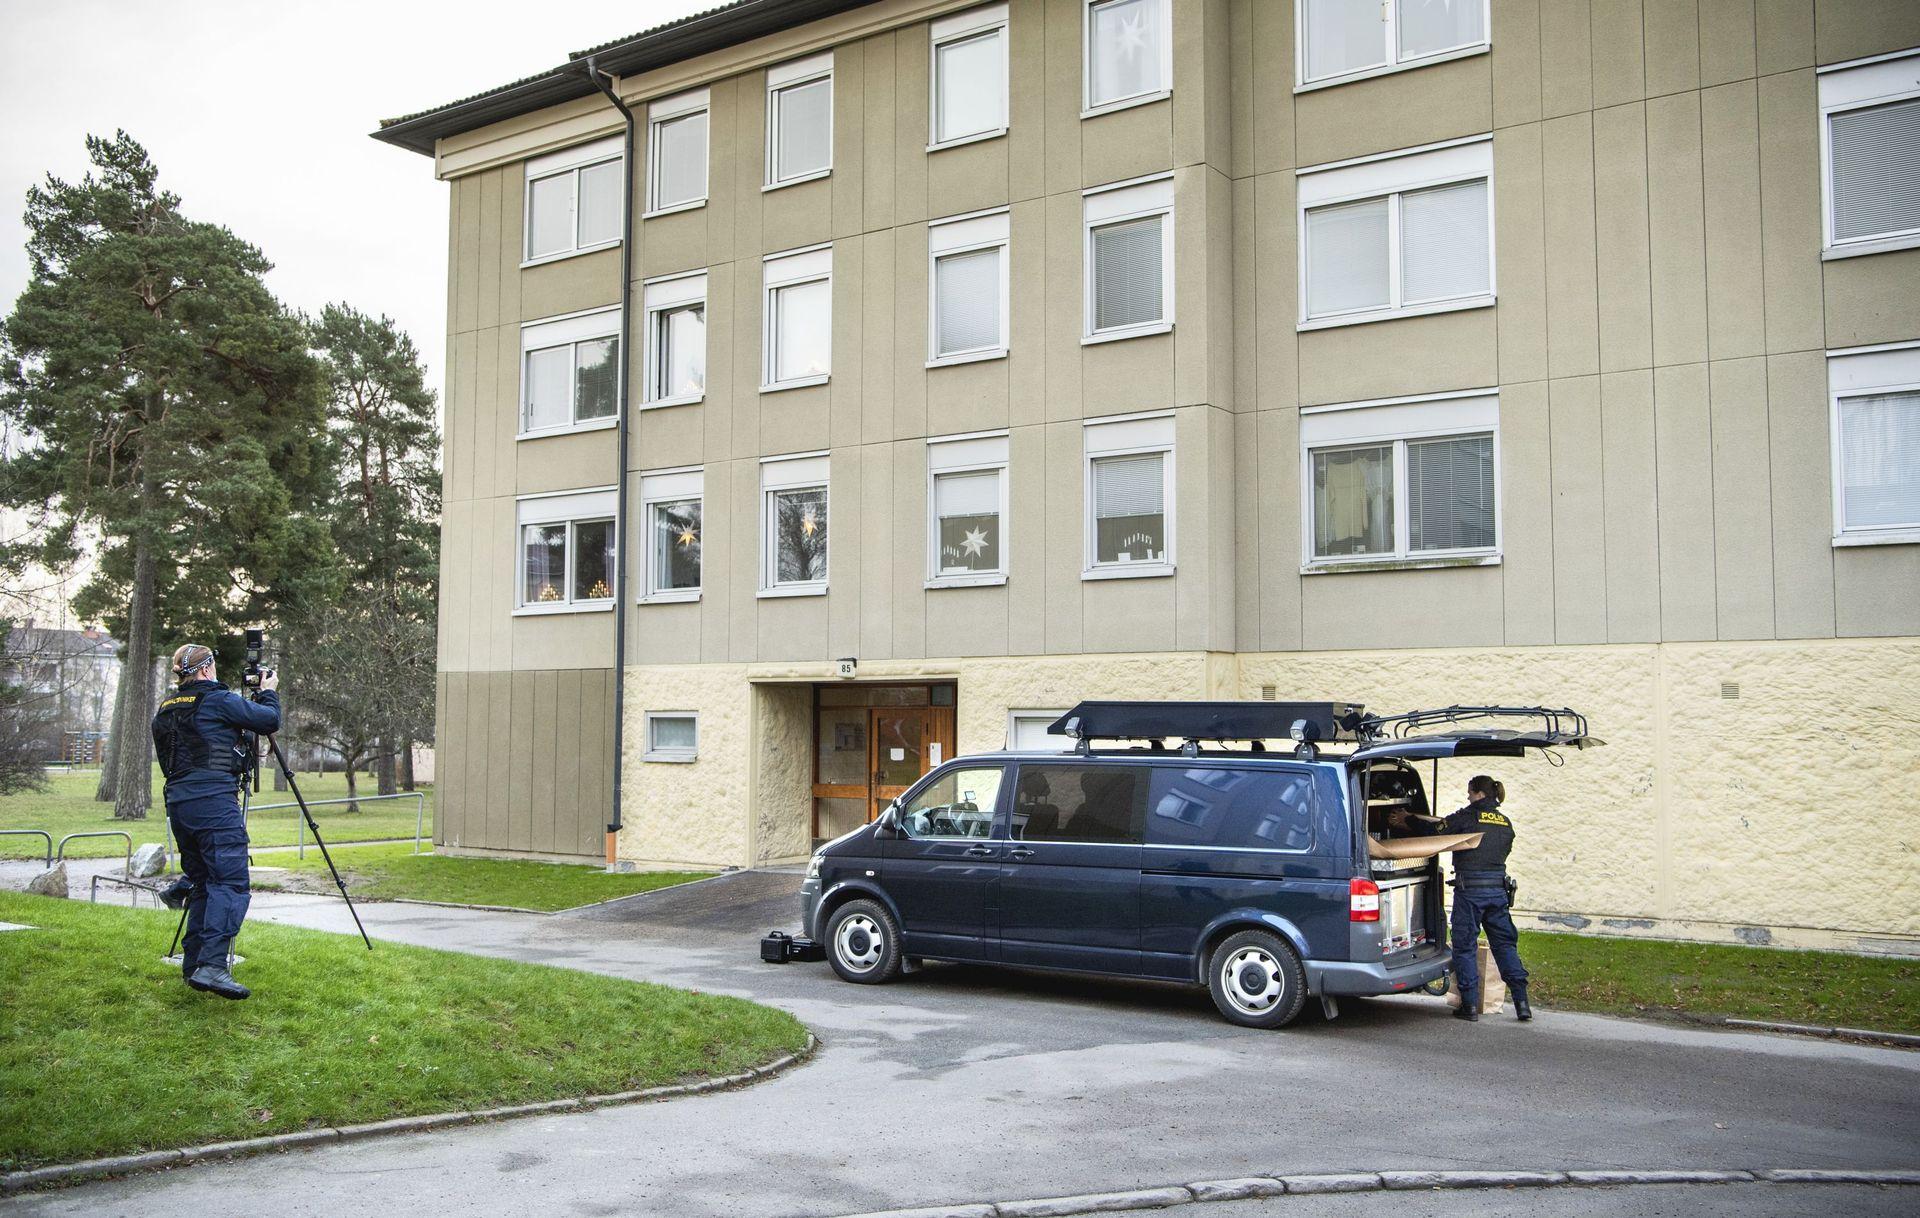 Une mère arrêtée en Suède pour avoir enfermé son fils pendant près de 30 ans 73564febd077c070ee177425246fefc2-1606820074